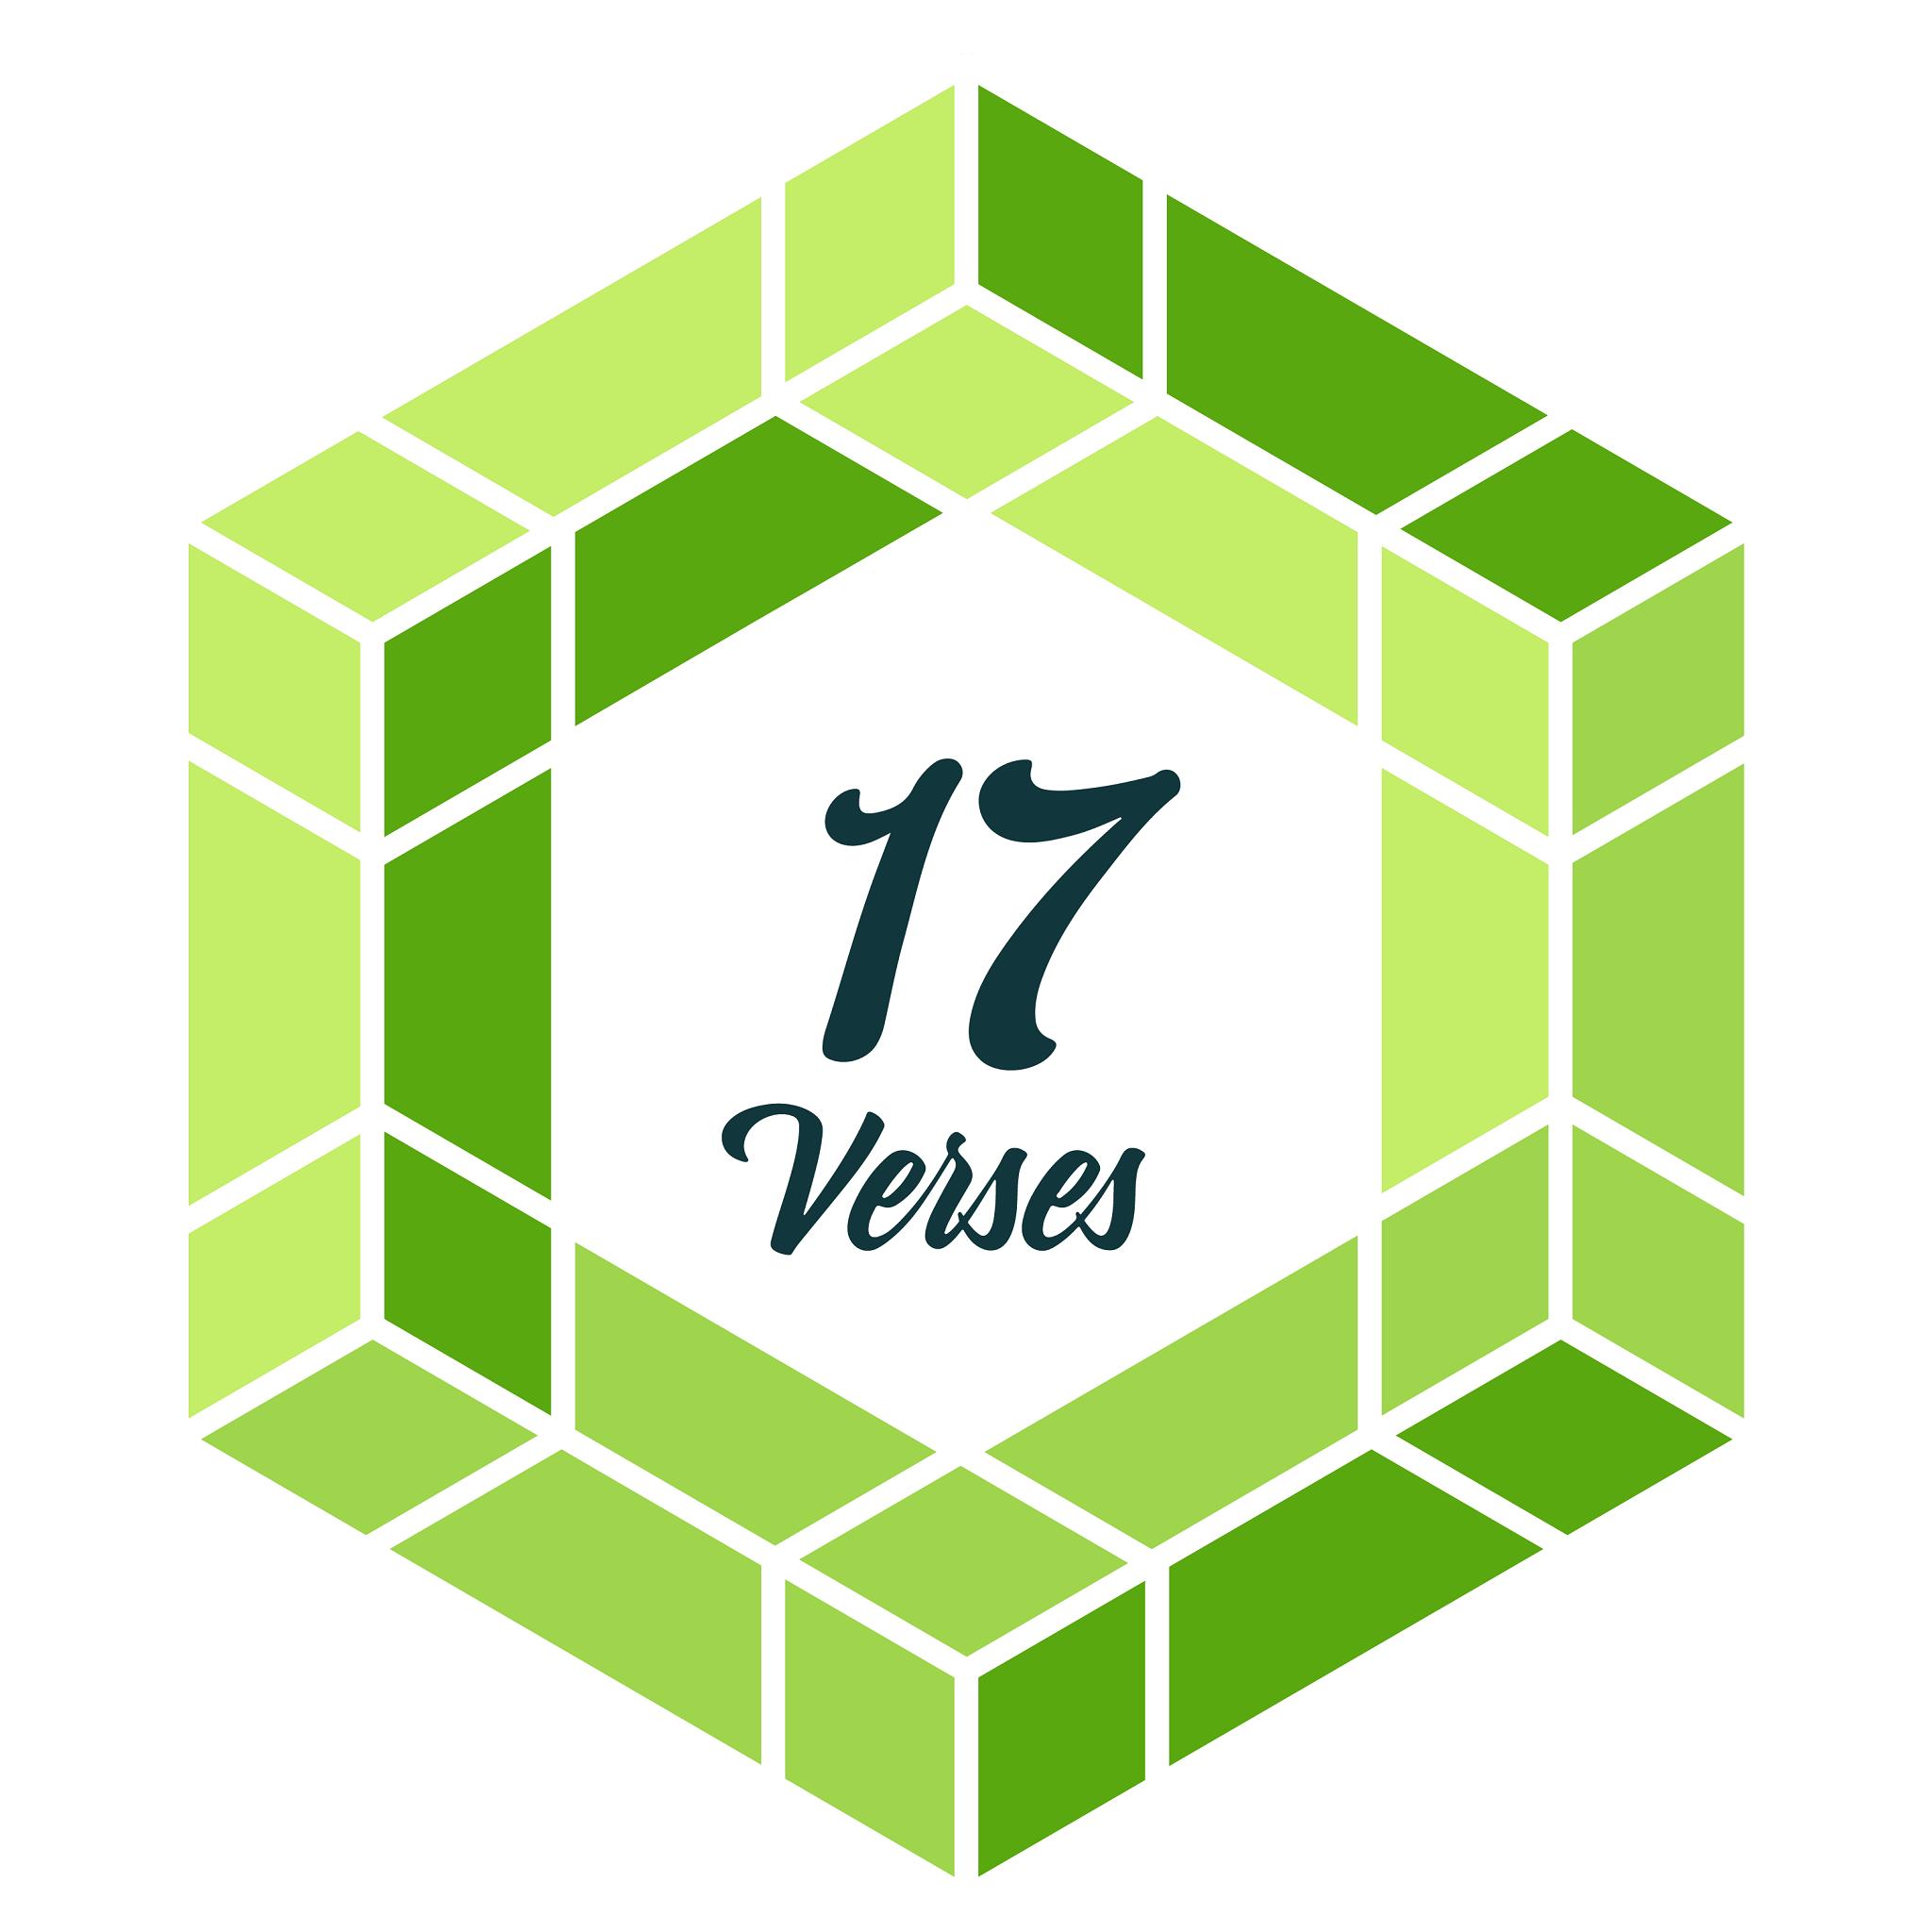 Year 2 - Surah 44 (Adh-Dukhân), Verses 30-42